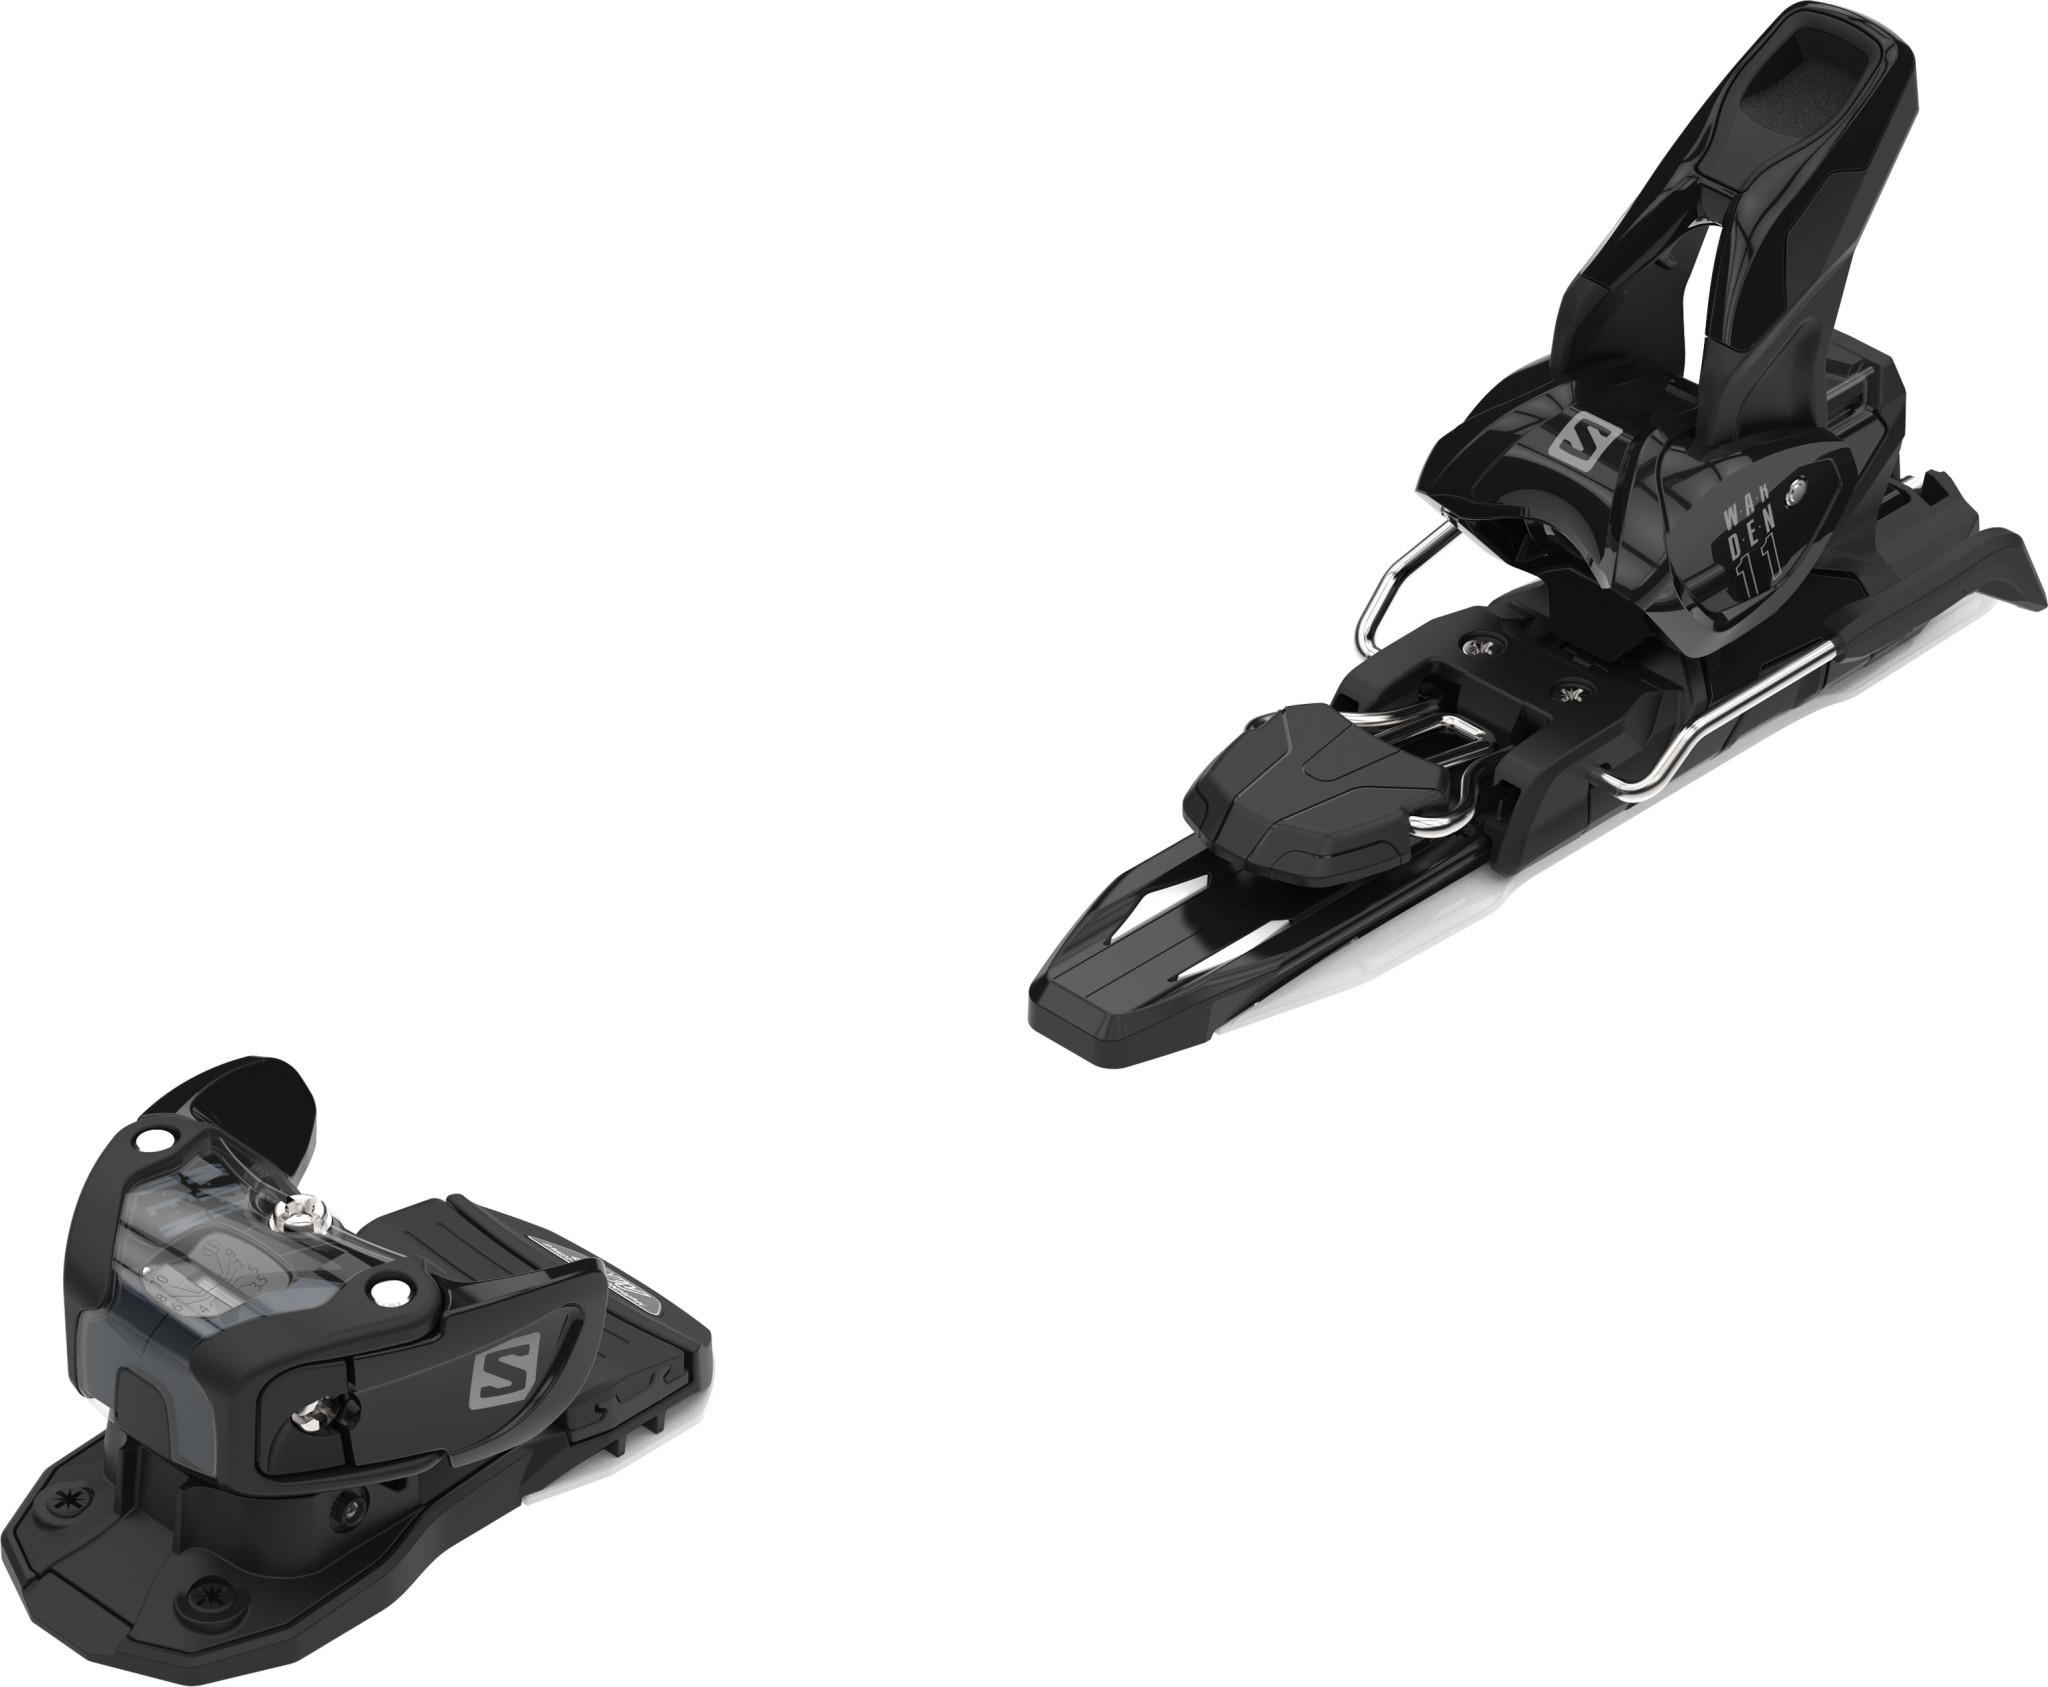 SALOMON Salomon Warden MNC 11 Ski Binding (2021)